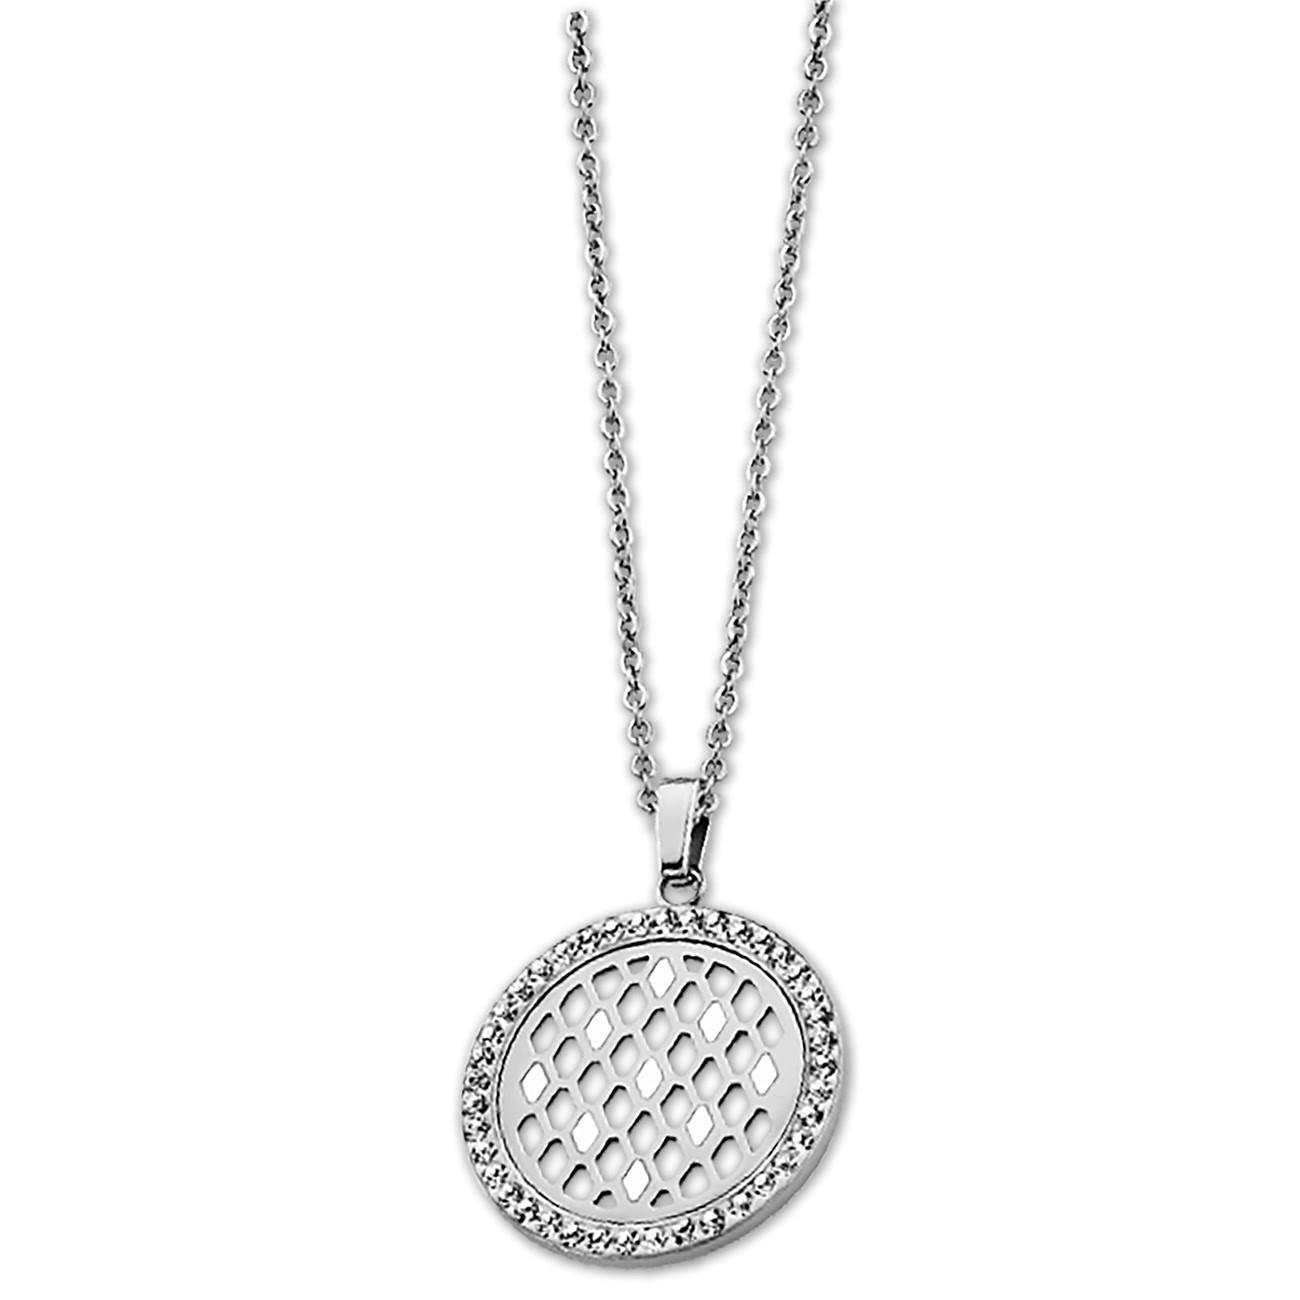 LOTUS Style Halskette Damen Edelstahl silber LS1777-1/1 Privilege JLS1777-1-1